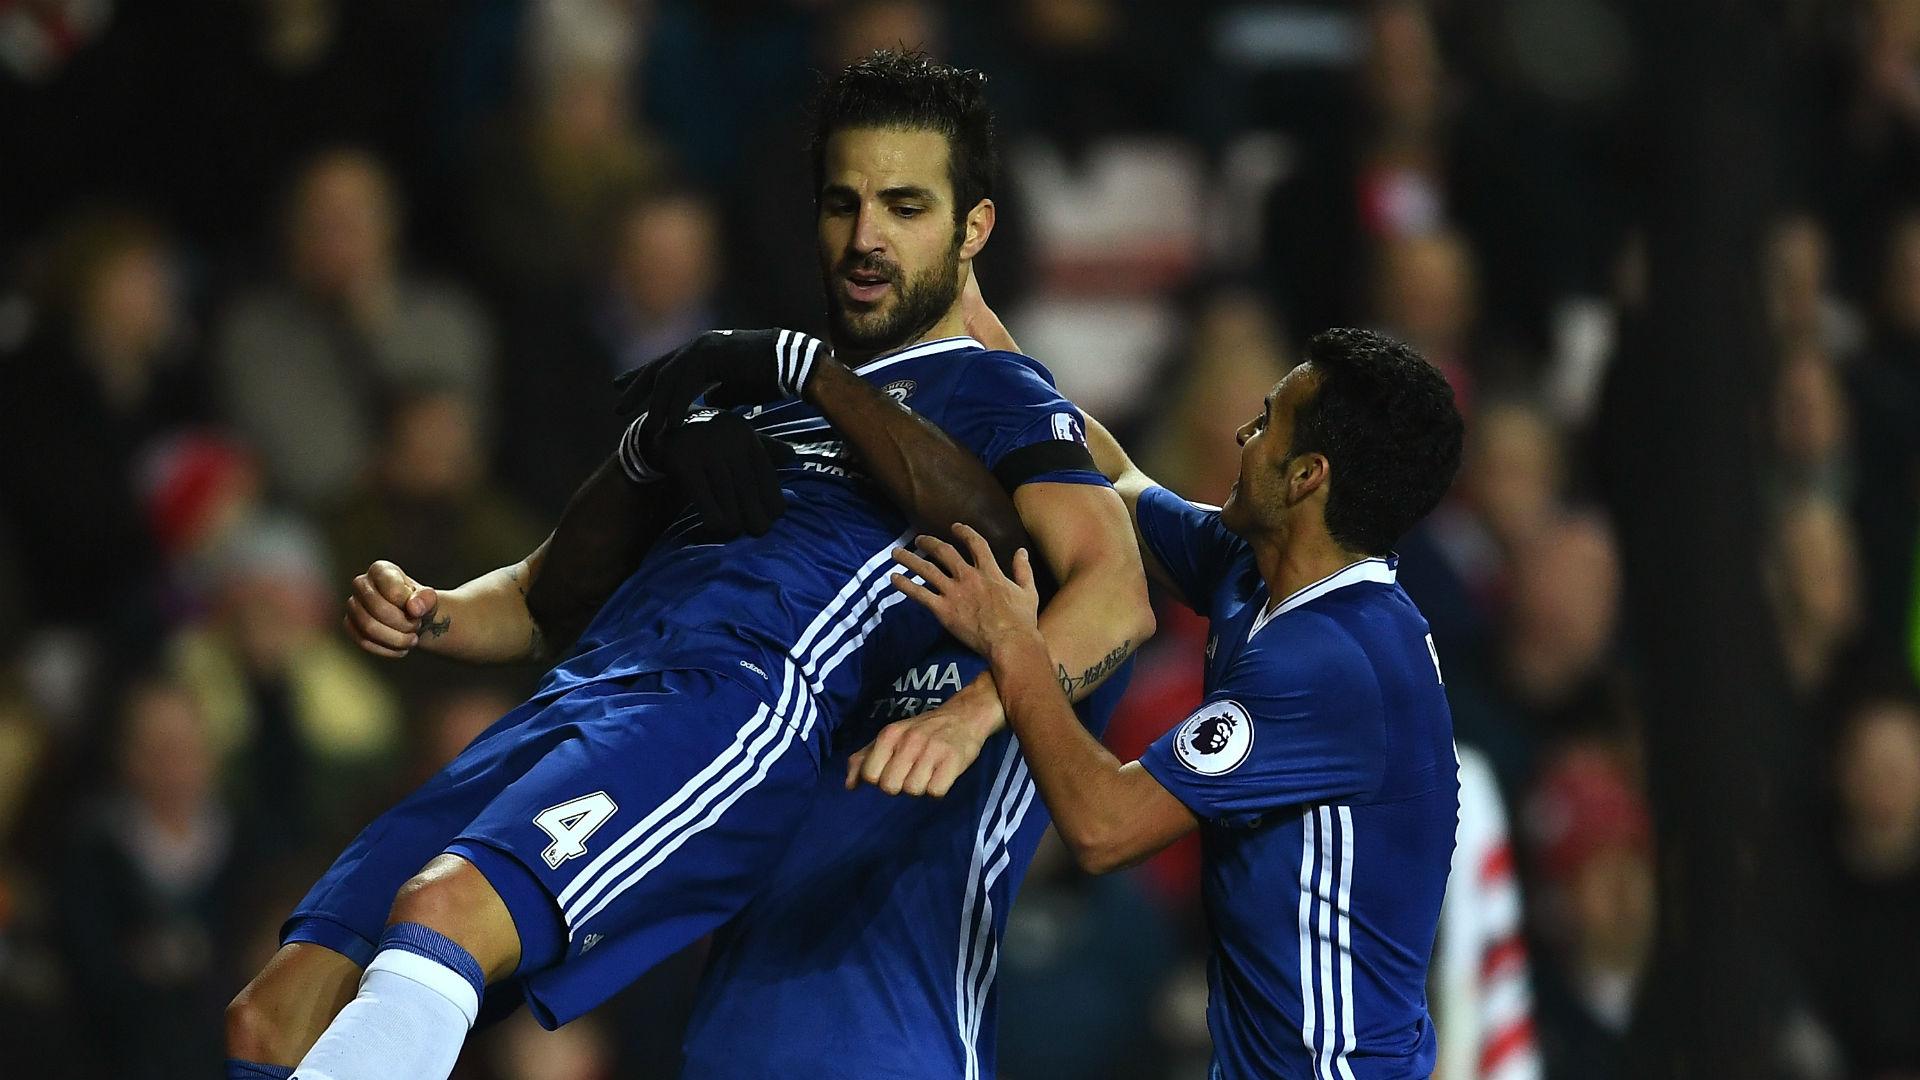 El solitario gol de Cesc Fábregas coloca al Chelsea más líder